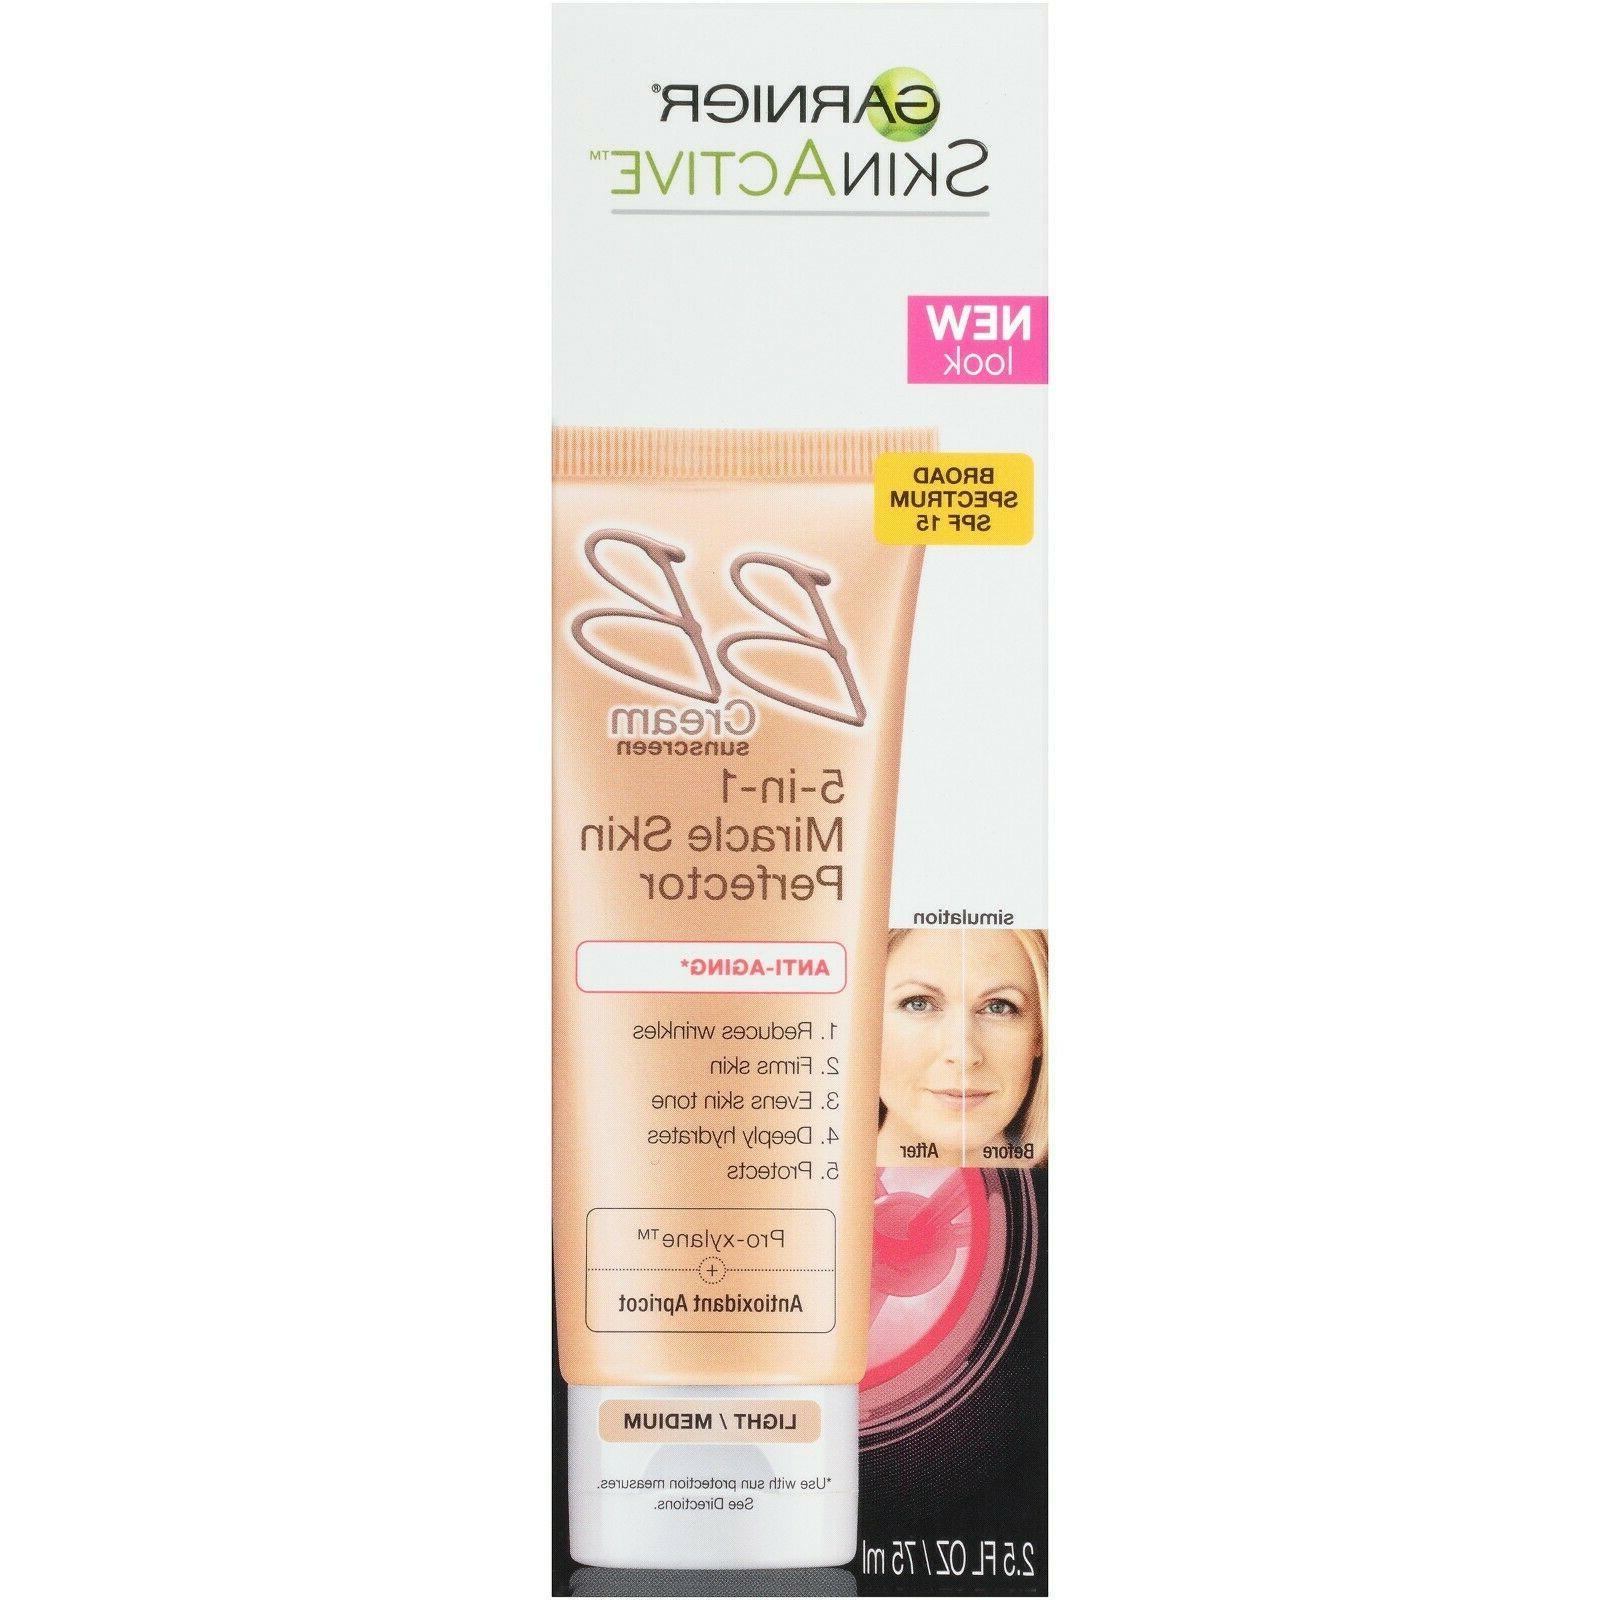 Garnier Cream Anti-Aging Moisturizer